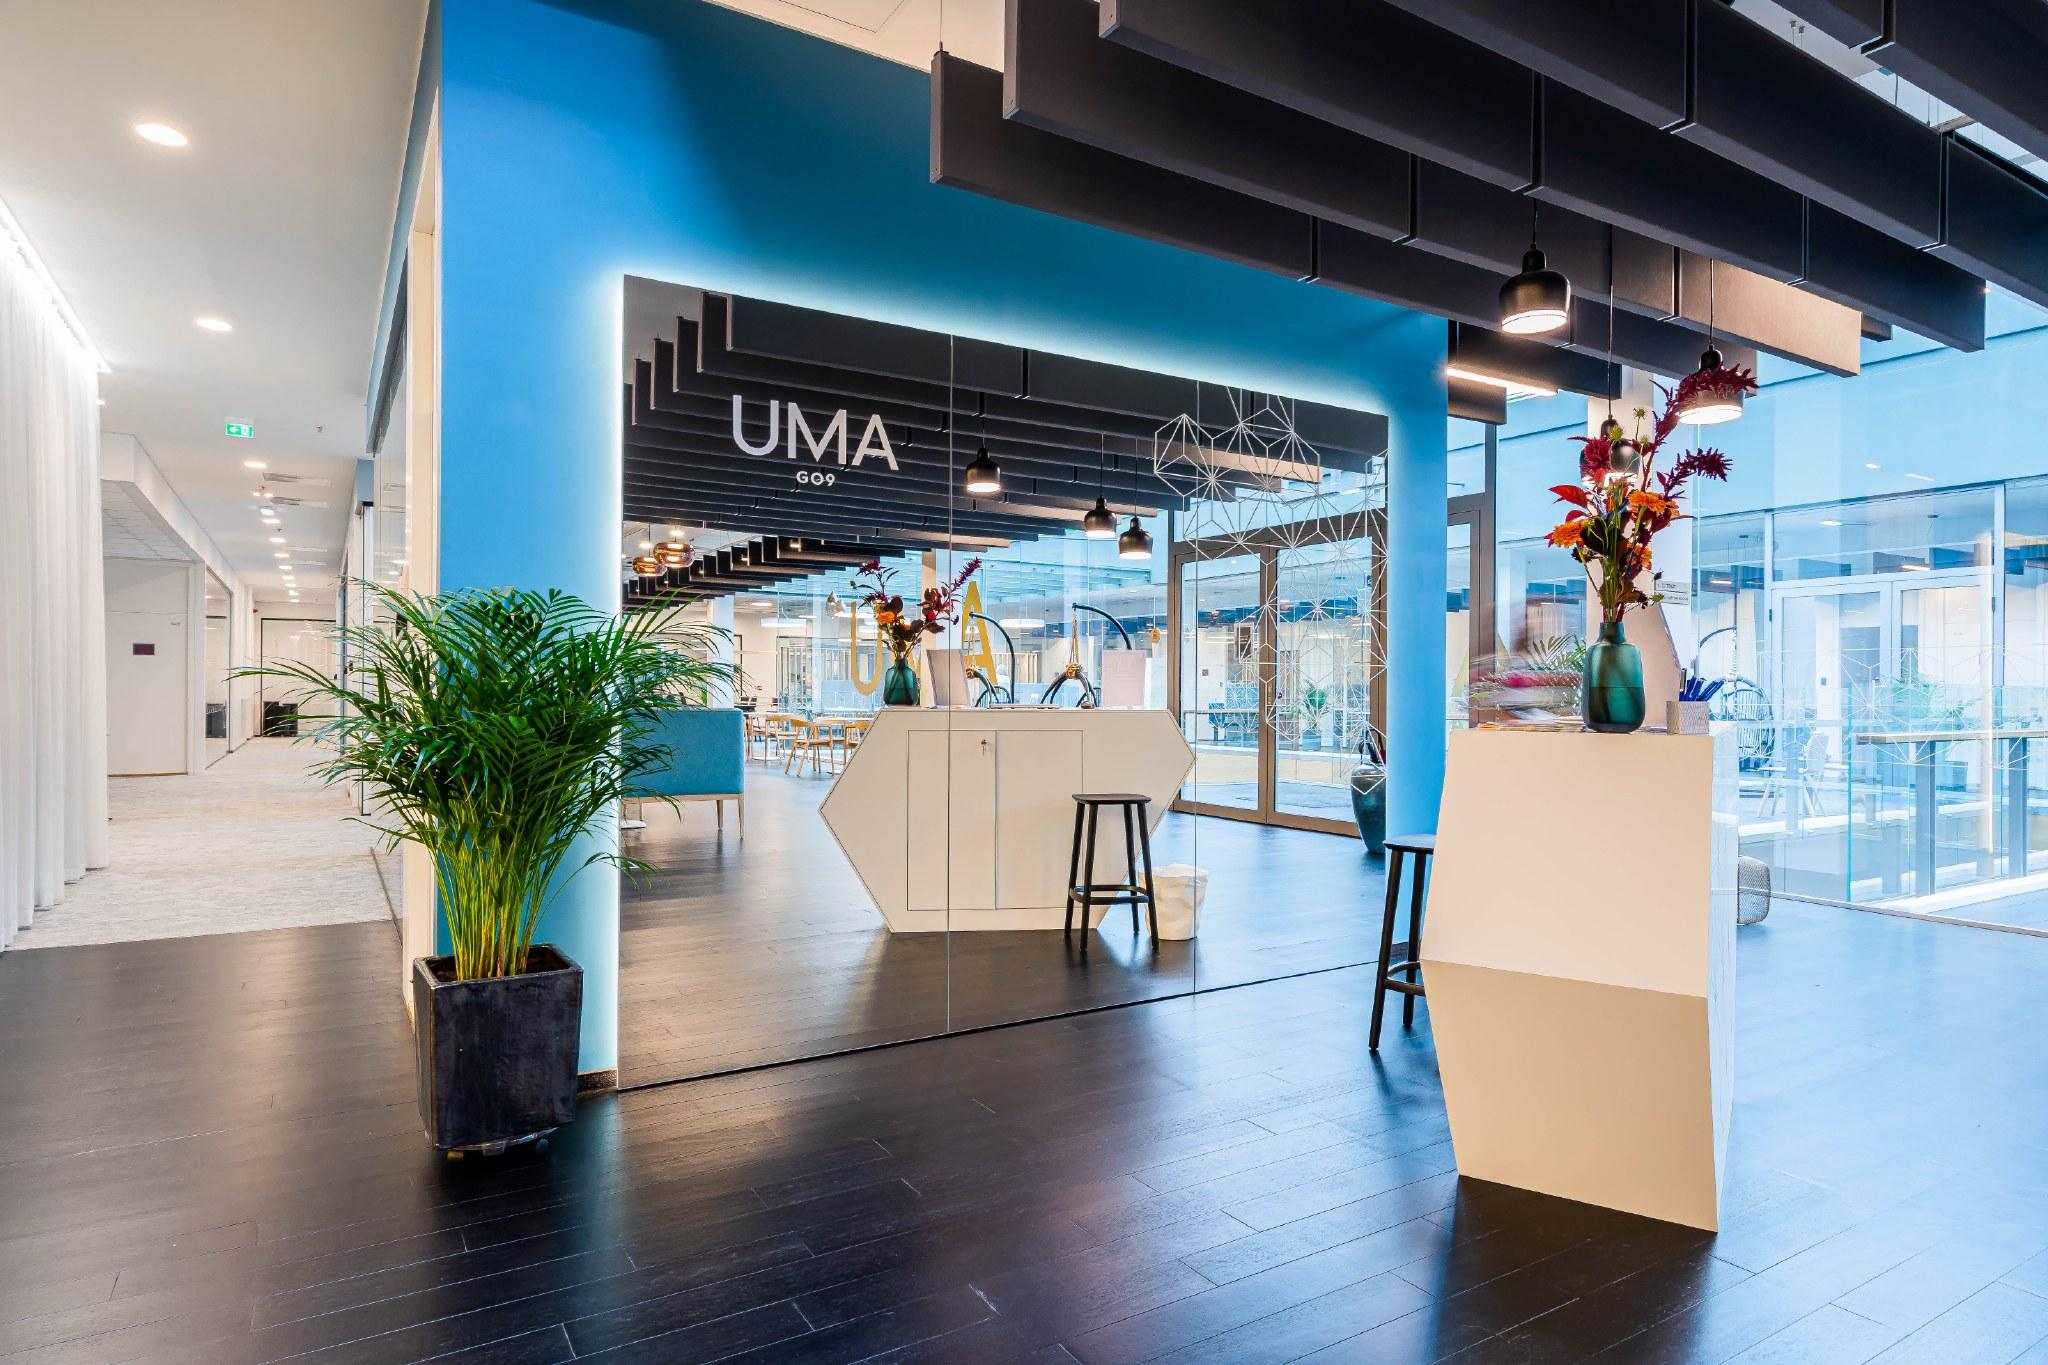 UMA GO9, Vilnius